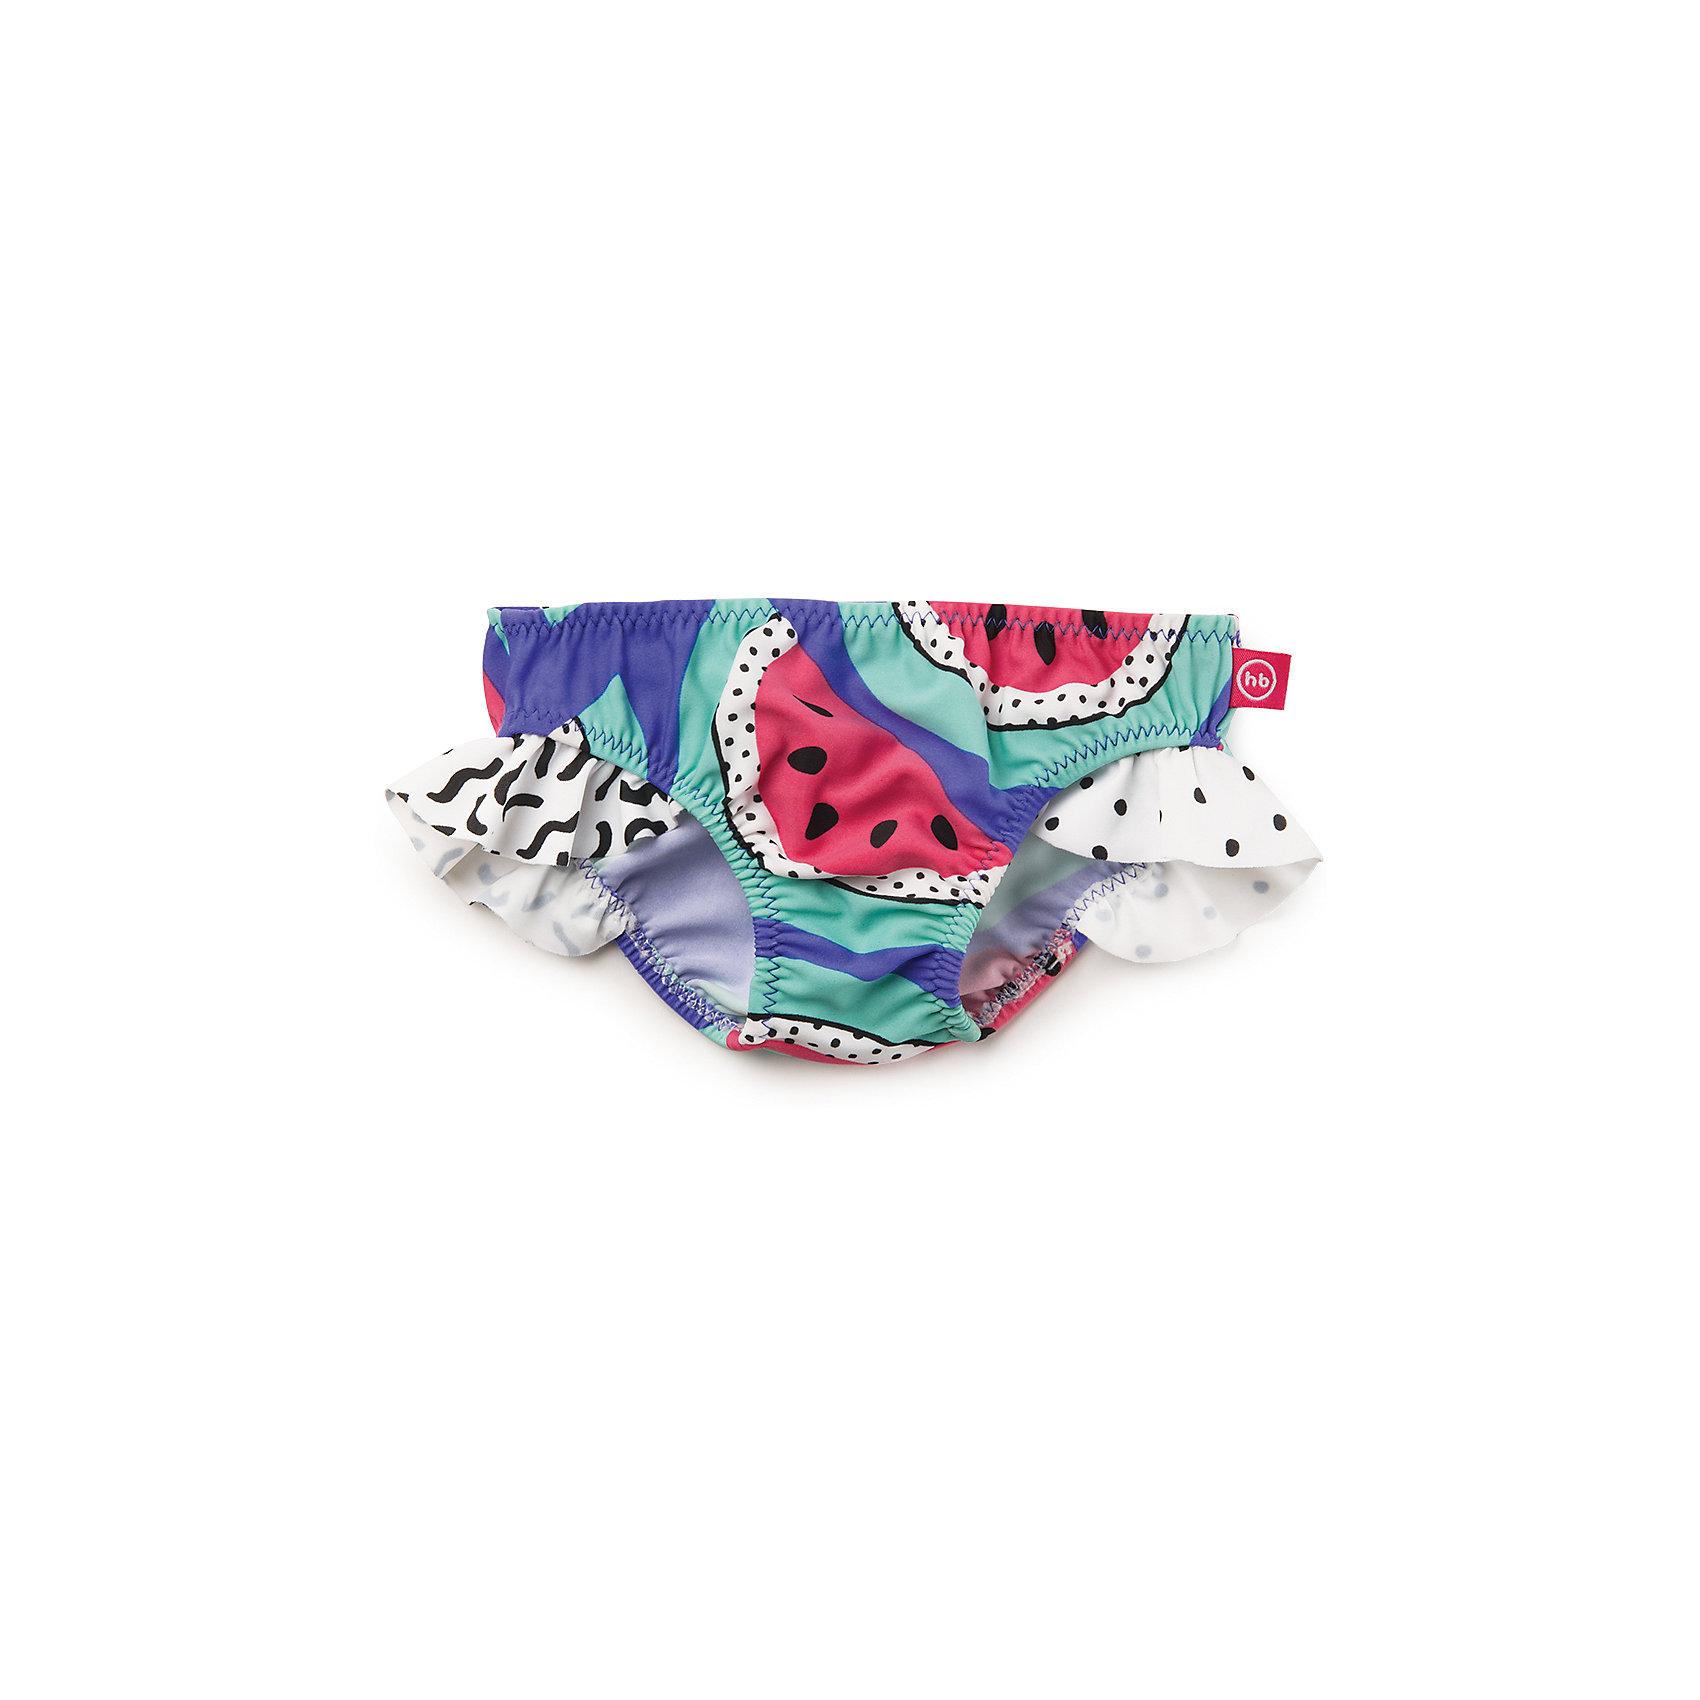 Плавки для девочек размер 92, Happy BabyКупальники и плавки<br>Характеристики:<br><br>• плавки с оборкой для девочек;<br>• плавки быстро сохнут;<br>• особая ткань защищает от перегрева на солнце;<br>• материал: ткань с защитой от солнечного излучения UPF 50+;<br>• размер: 92;<br>• размер упаковки: 22х13,5х2 см;<br>• вес: 50 г.<br><br>Плавки для девочек размер 92, Happy Baby можно купить в нашем интернет-магазине.<br><br>Ширина мм: 20<br>Глубина мм: 220<br>Высота мм: 135<br>Вес г: 370<br>Возраст от месяцев: 24<br>Возраст до месяцев: 36<br>Пол: Женский<br>Возраст: Детский<br>SKU: 6681117